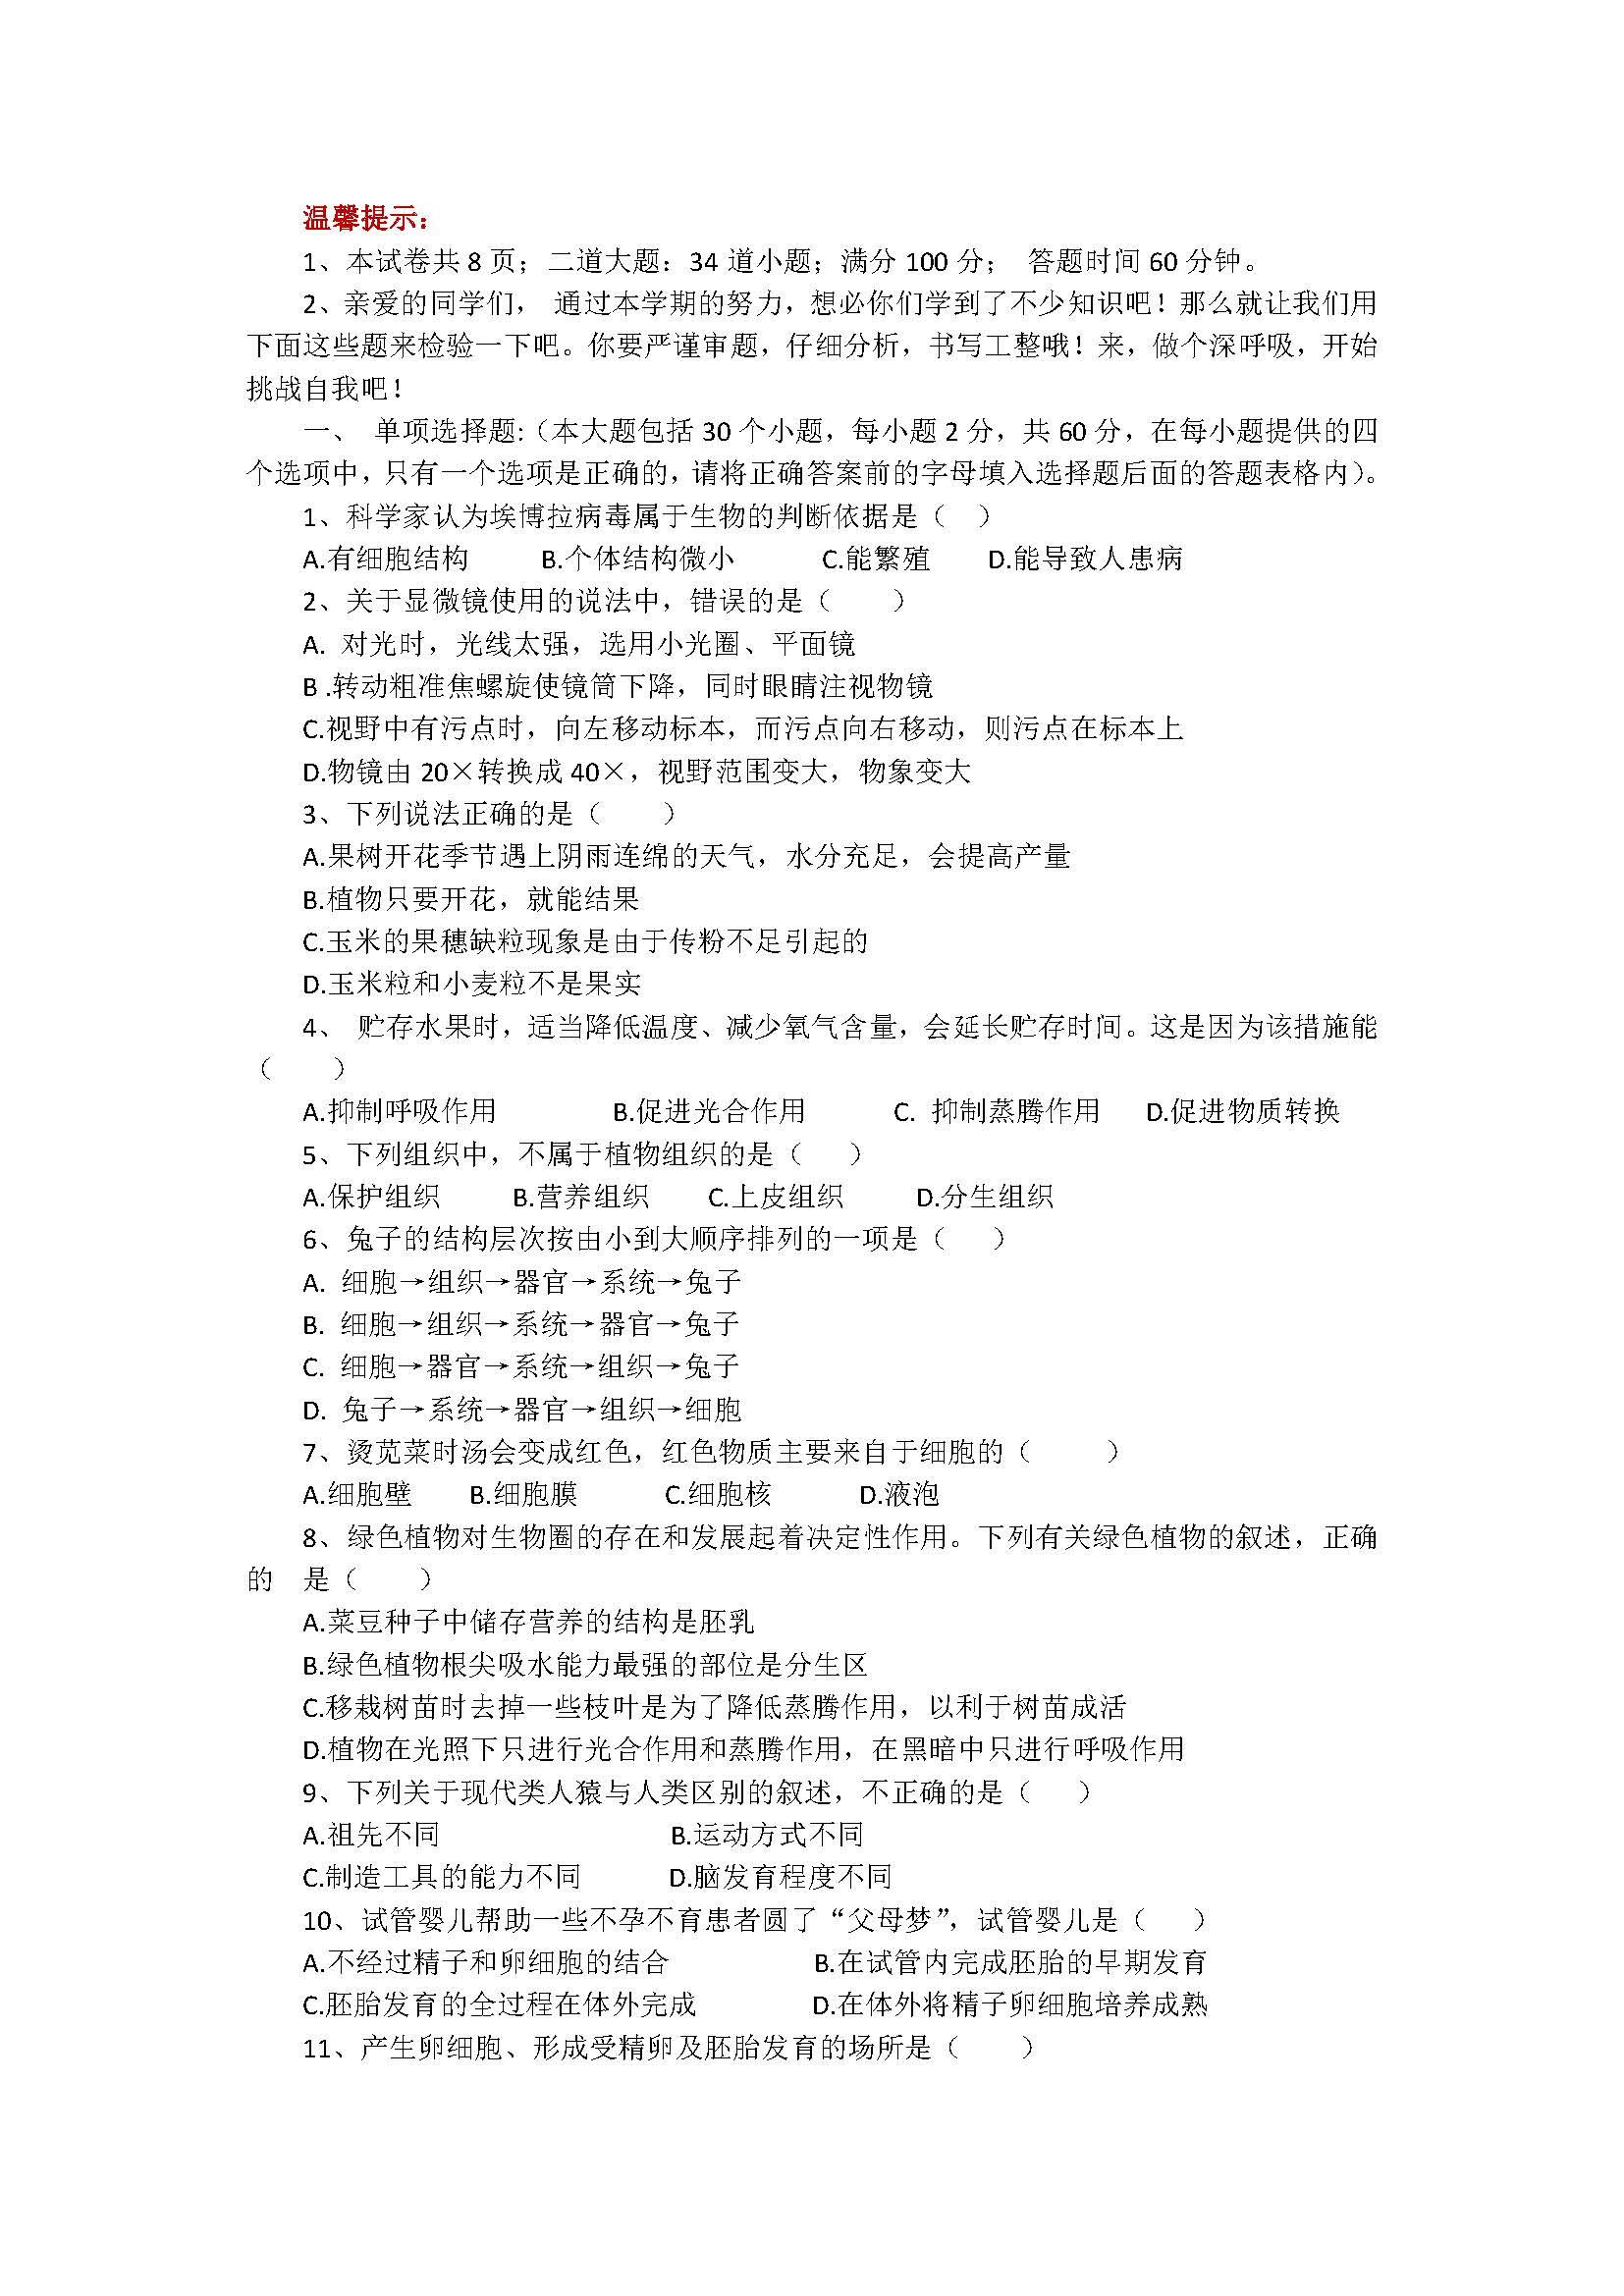 新人教版2018七年级生物下册期末试题含参考答案(河北唐县)